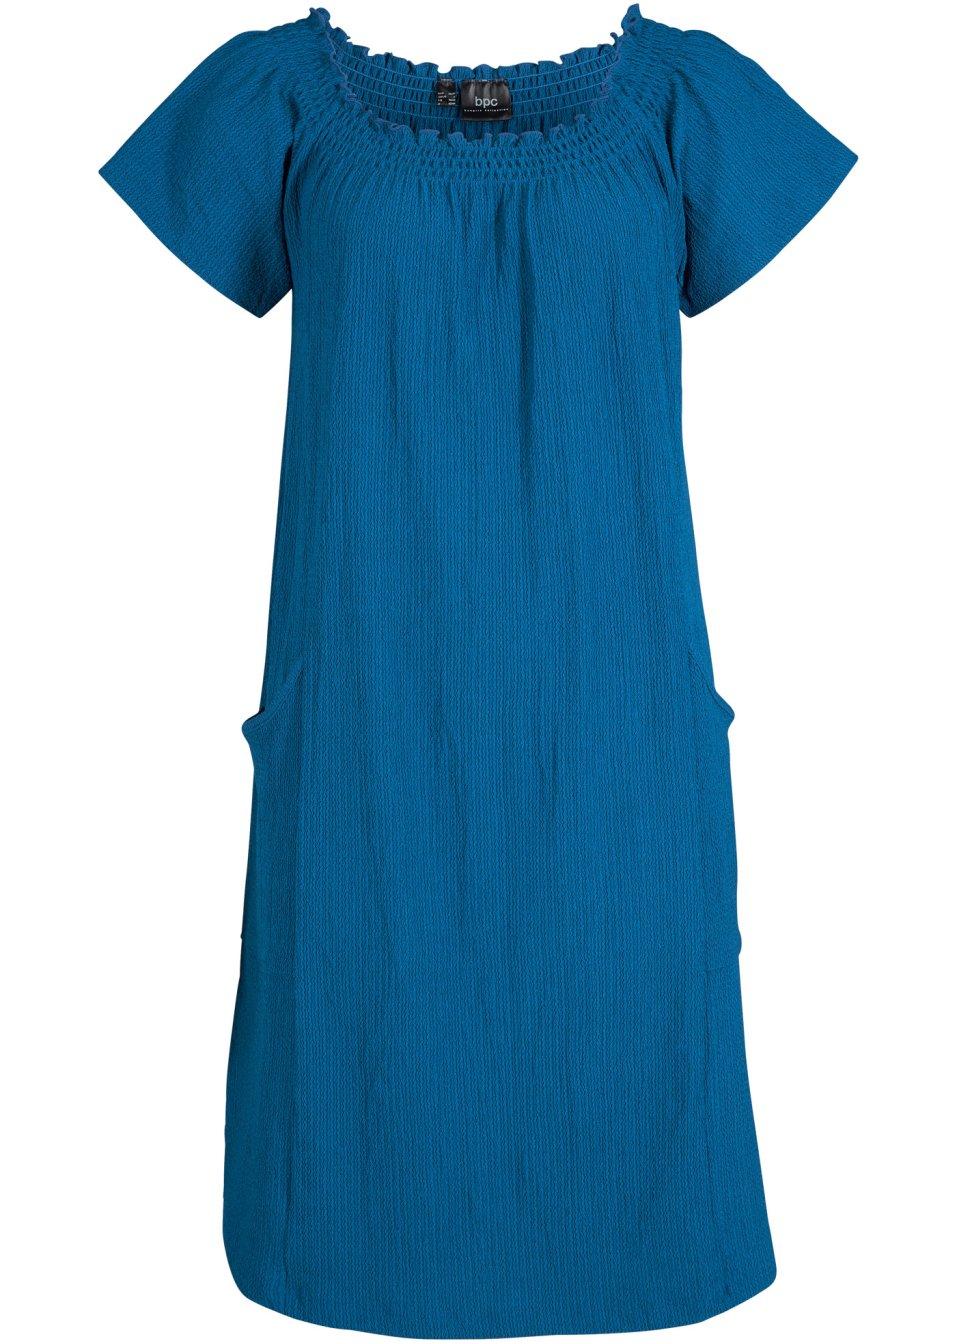 Weich fließenedes Kleid mit aufgesetzten Taschen und Smock-Einsatz am Ausschnitt. - königsblau dcRrY OV8GP